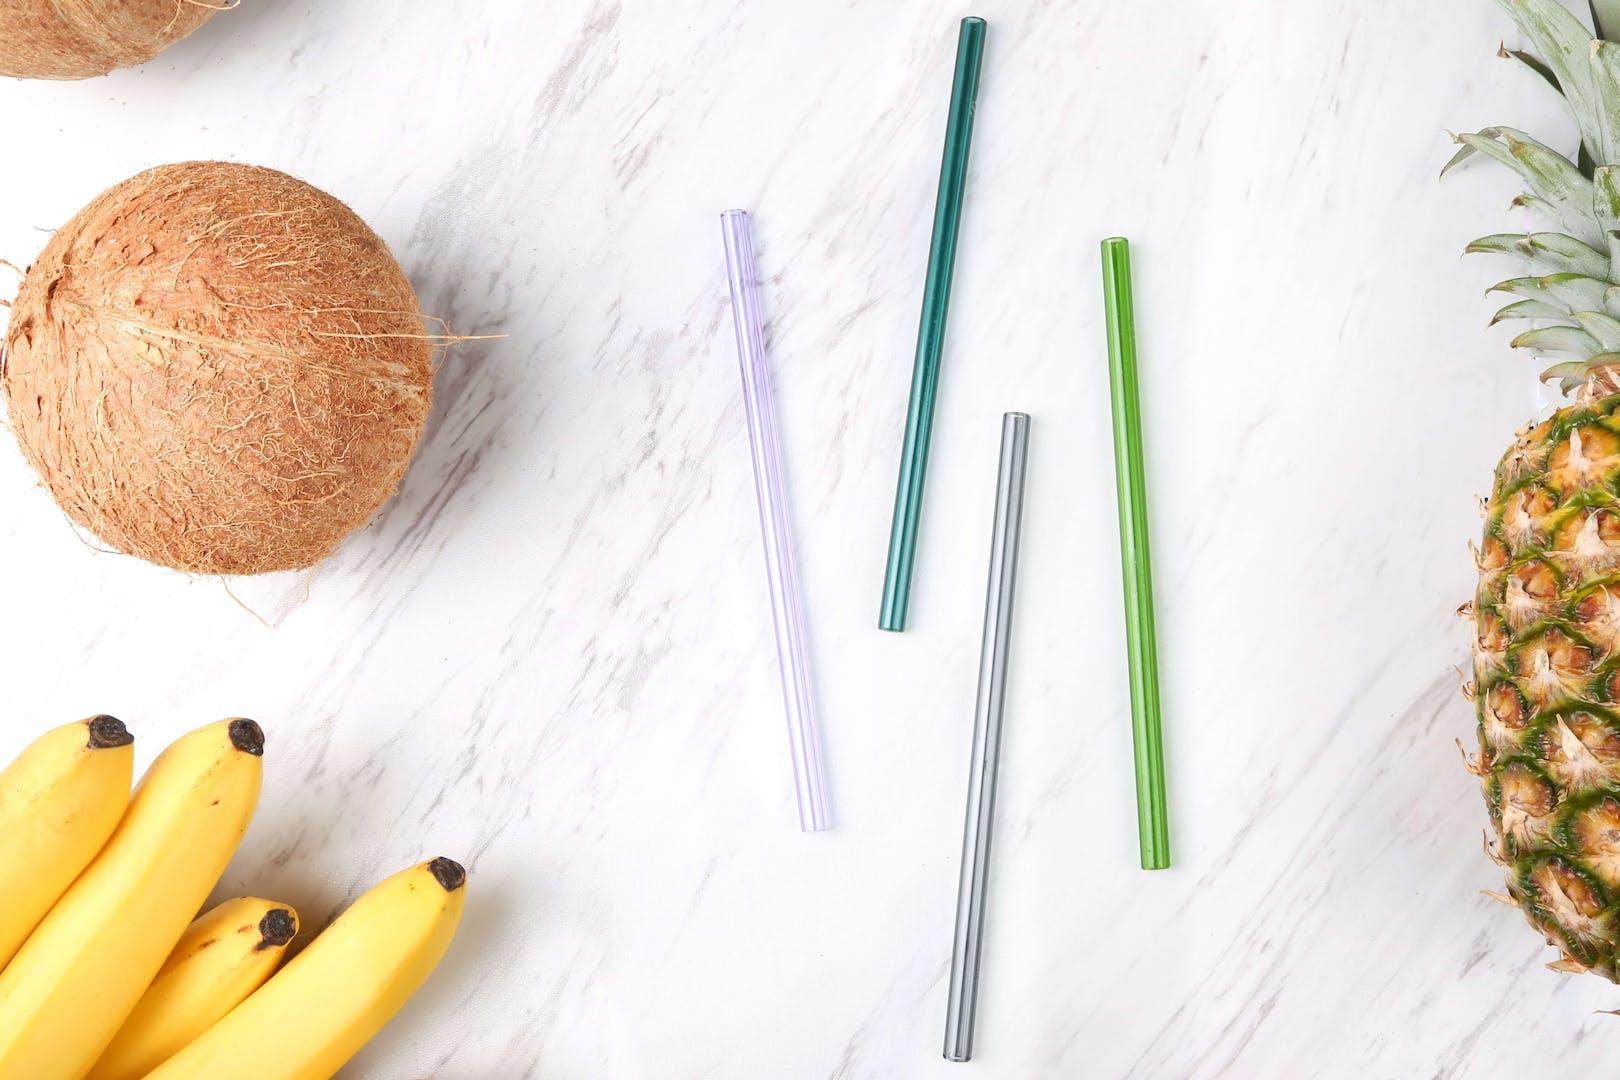 No straws, please.